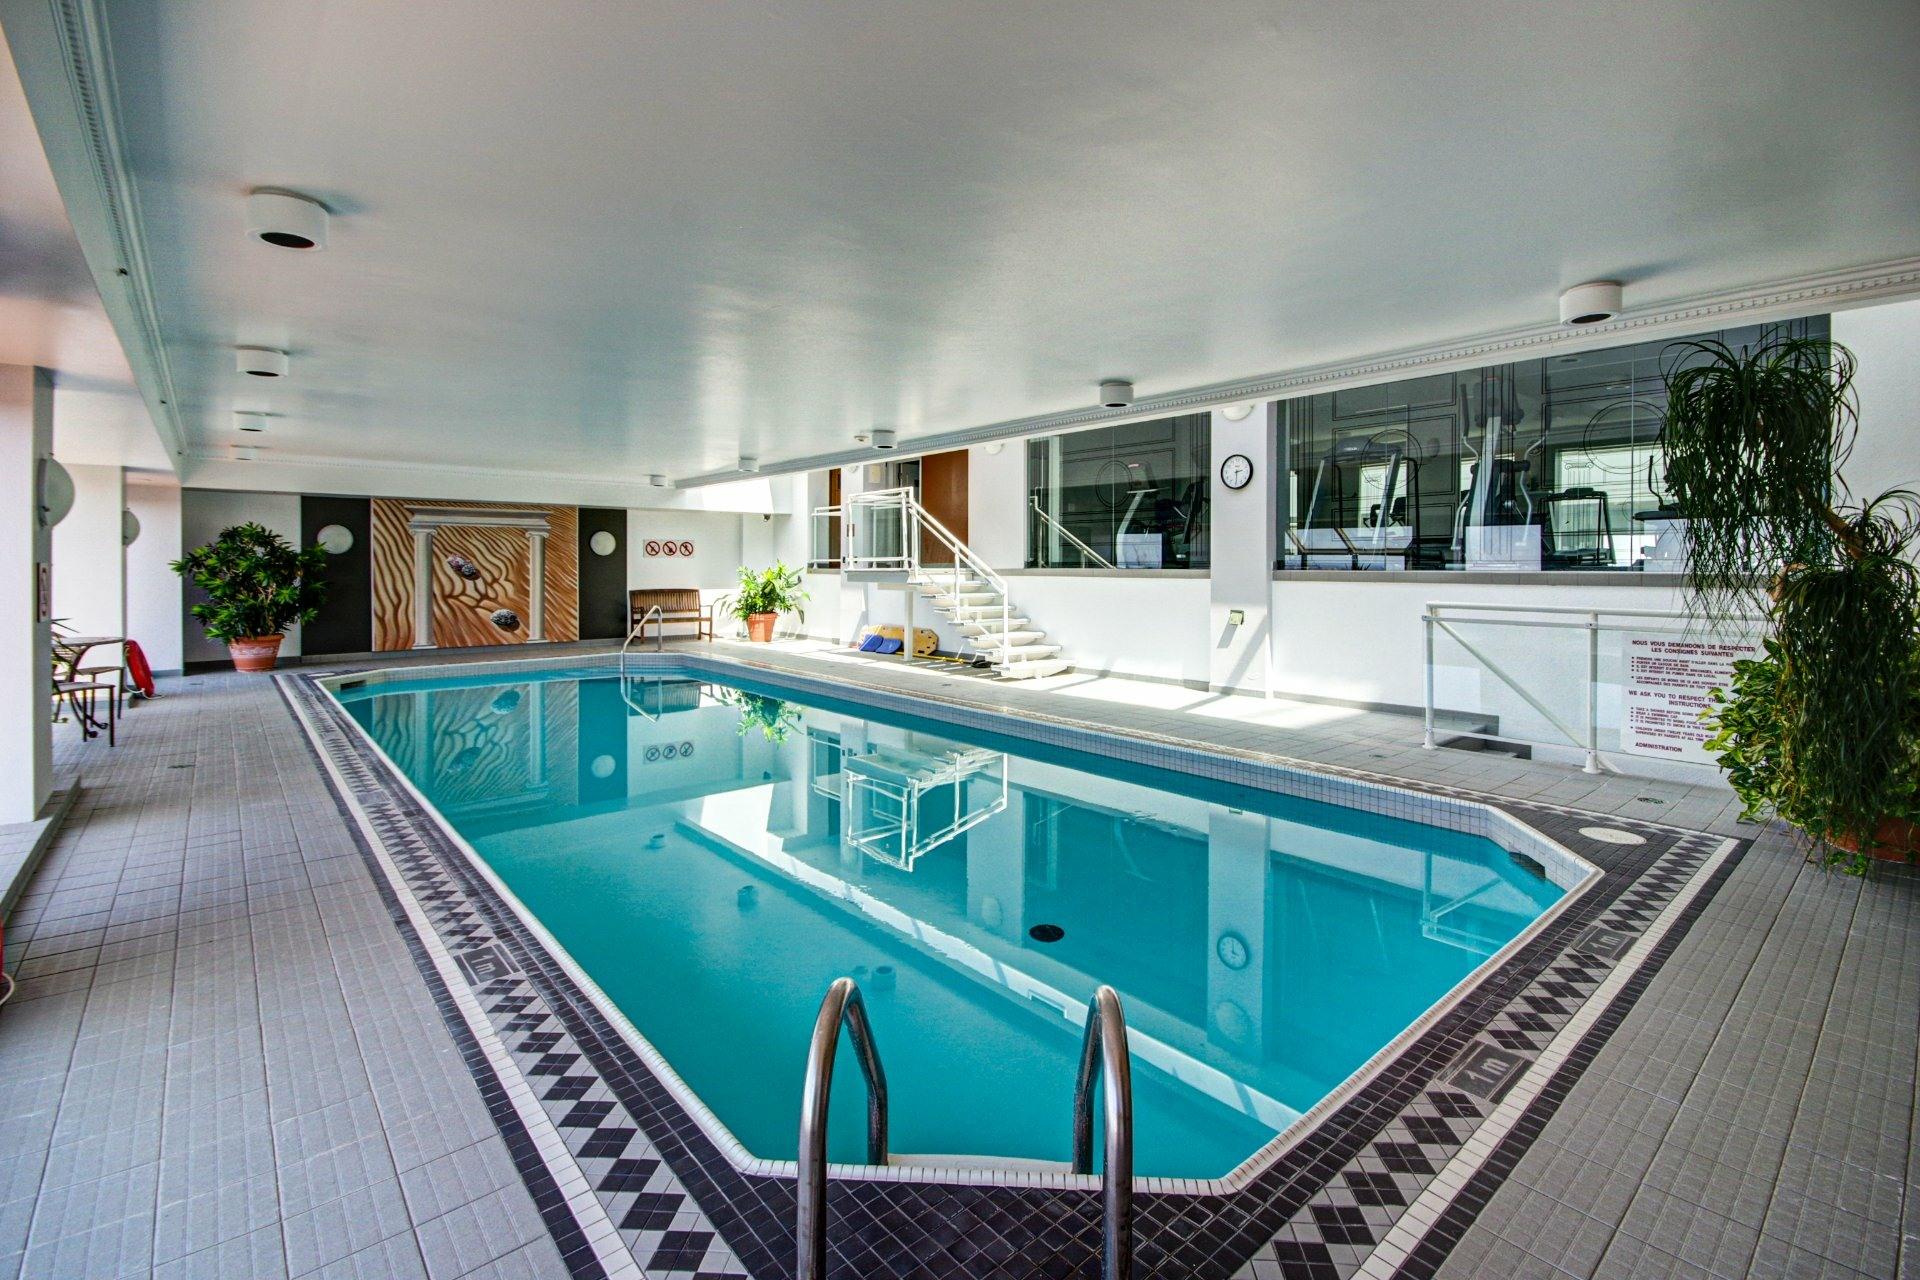 image 38 - Apartment For sale Côte-des-Neiges/Notre-Dame-de-Grâce Montréal  - 5 rooms